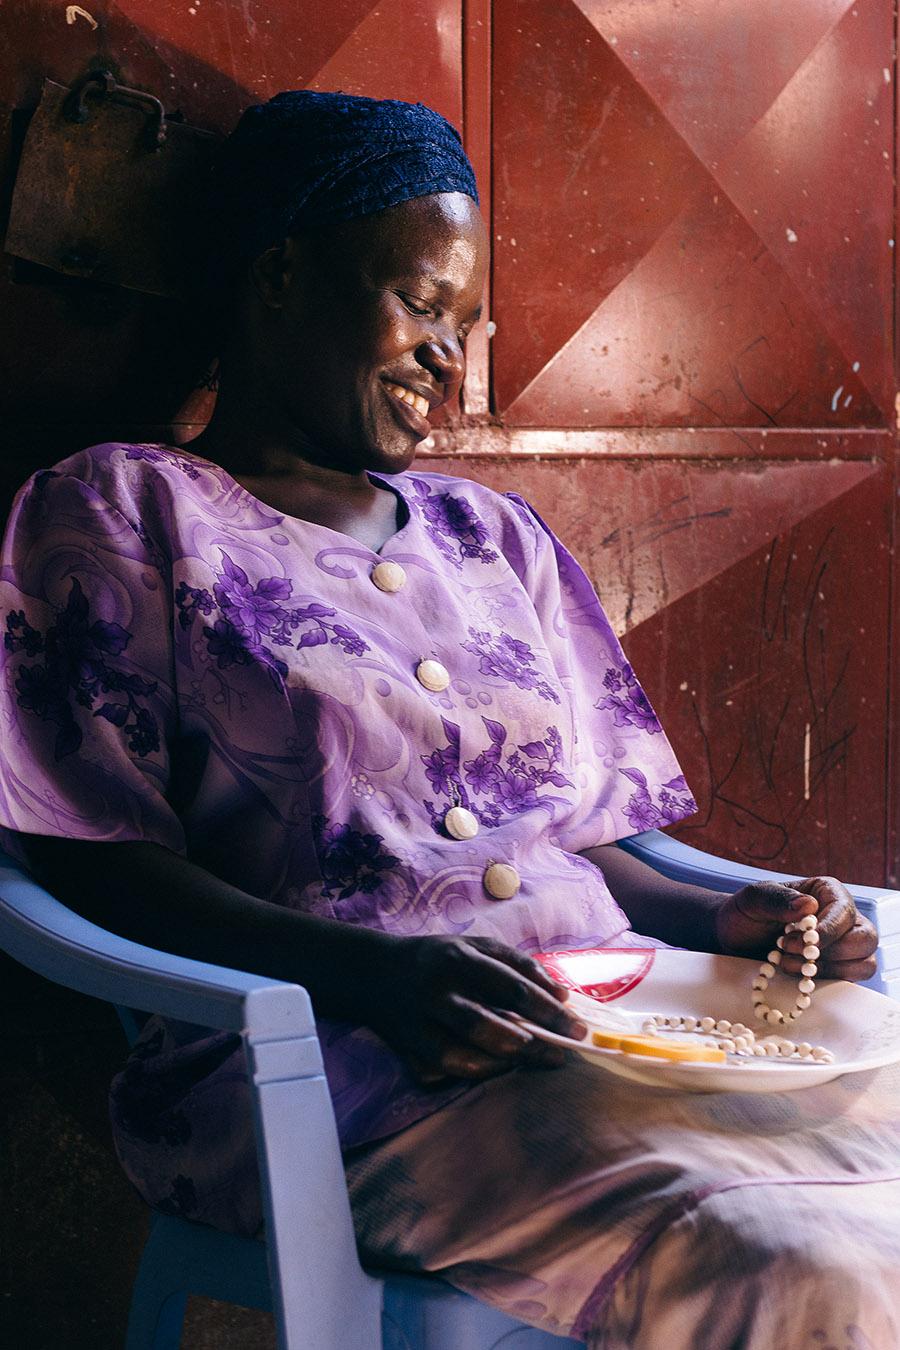 Photographer: Isabel Wanjui